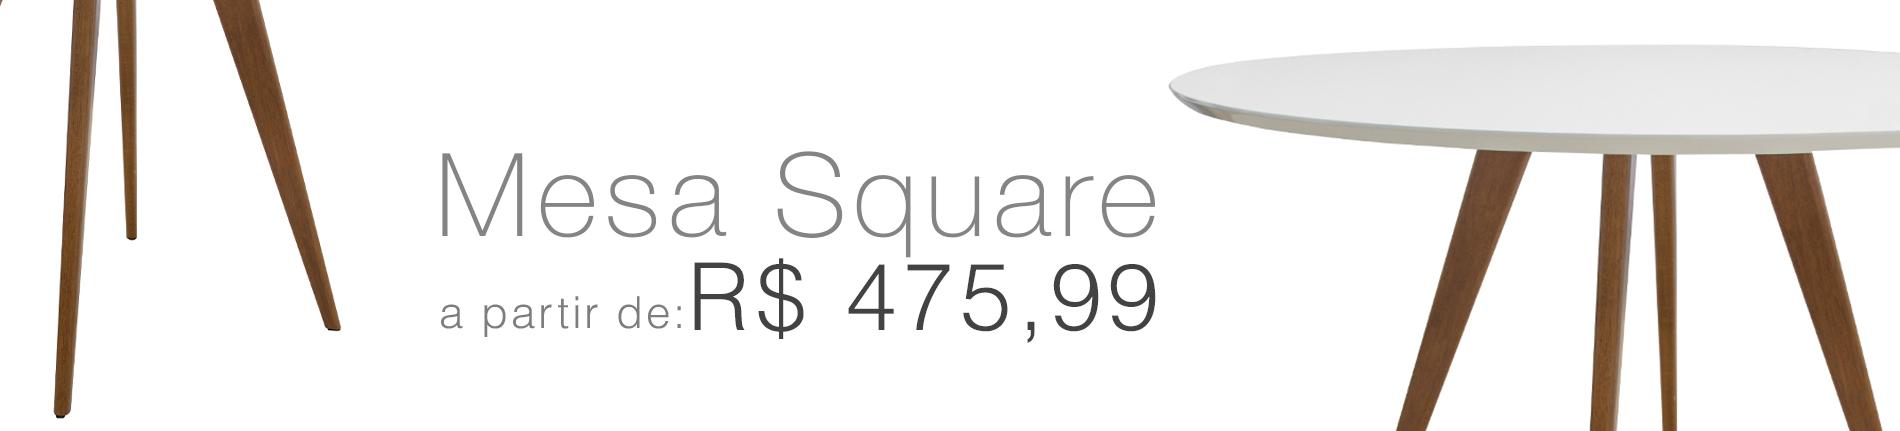 Mesa Square